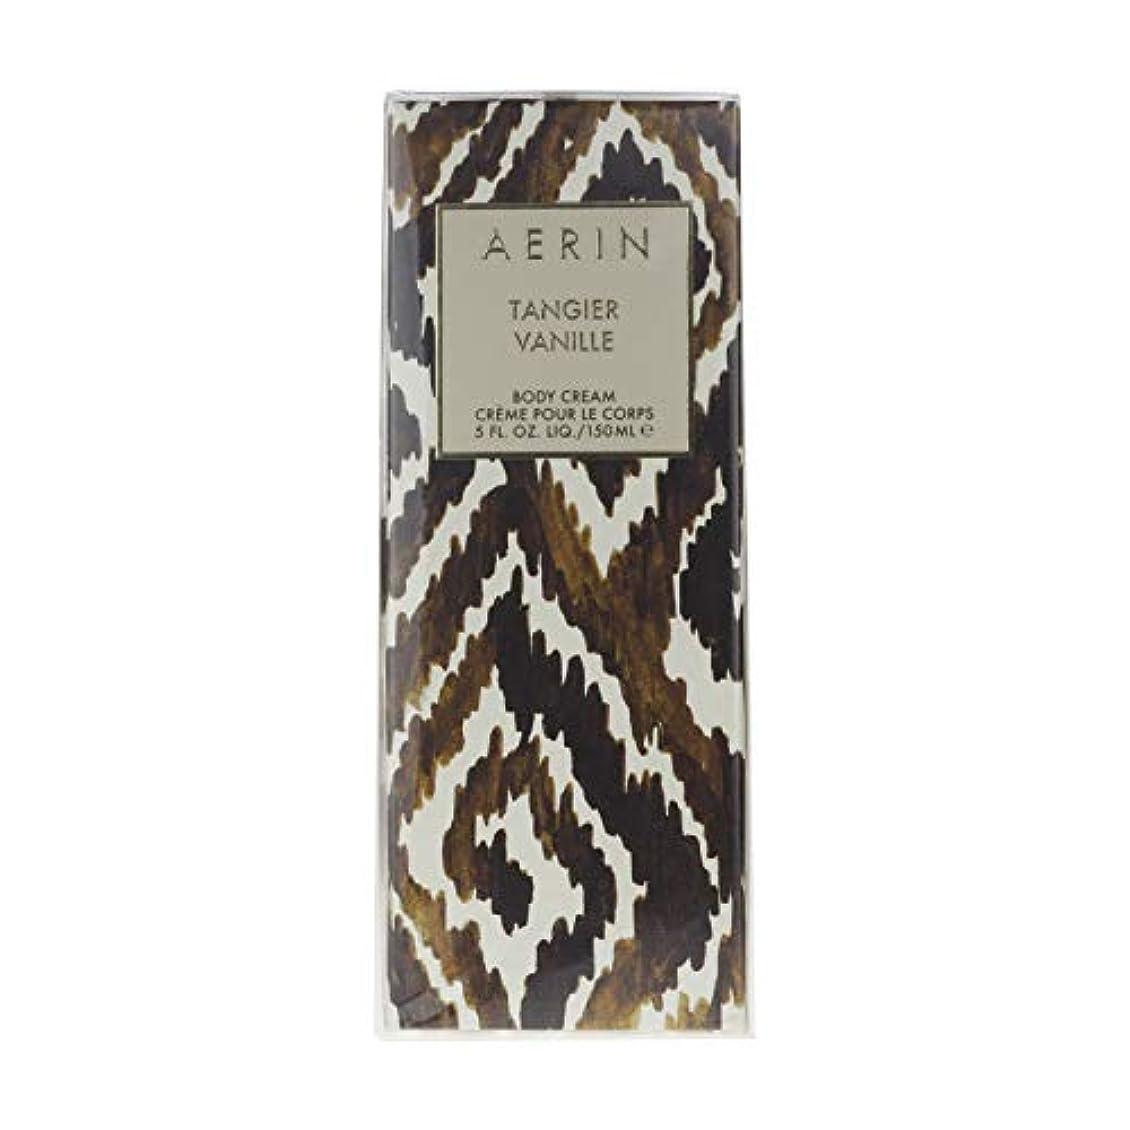 科学拘束ハリケーンAERIN Tangier Vanille (アエリン タンジヤー バニール) 5.0 oz (150ml) Body Cream by Estee Lauder for Women